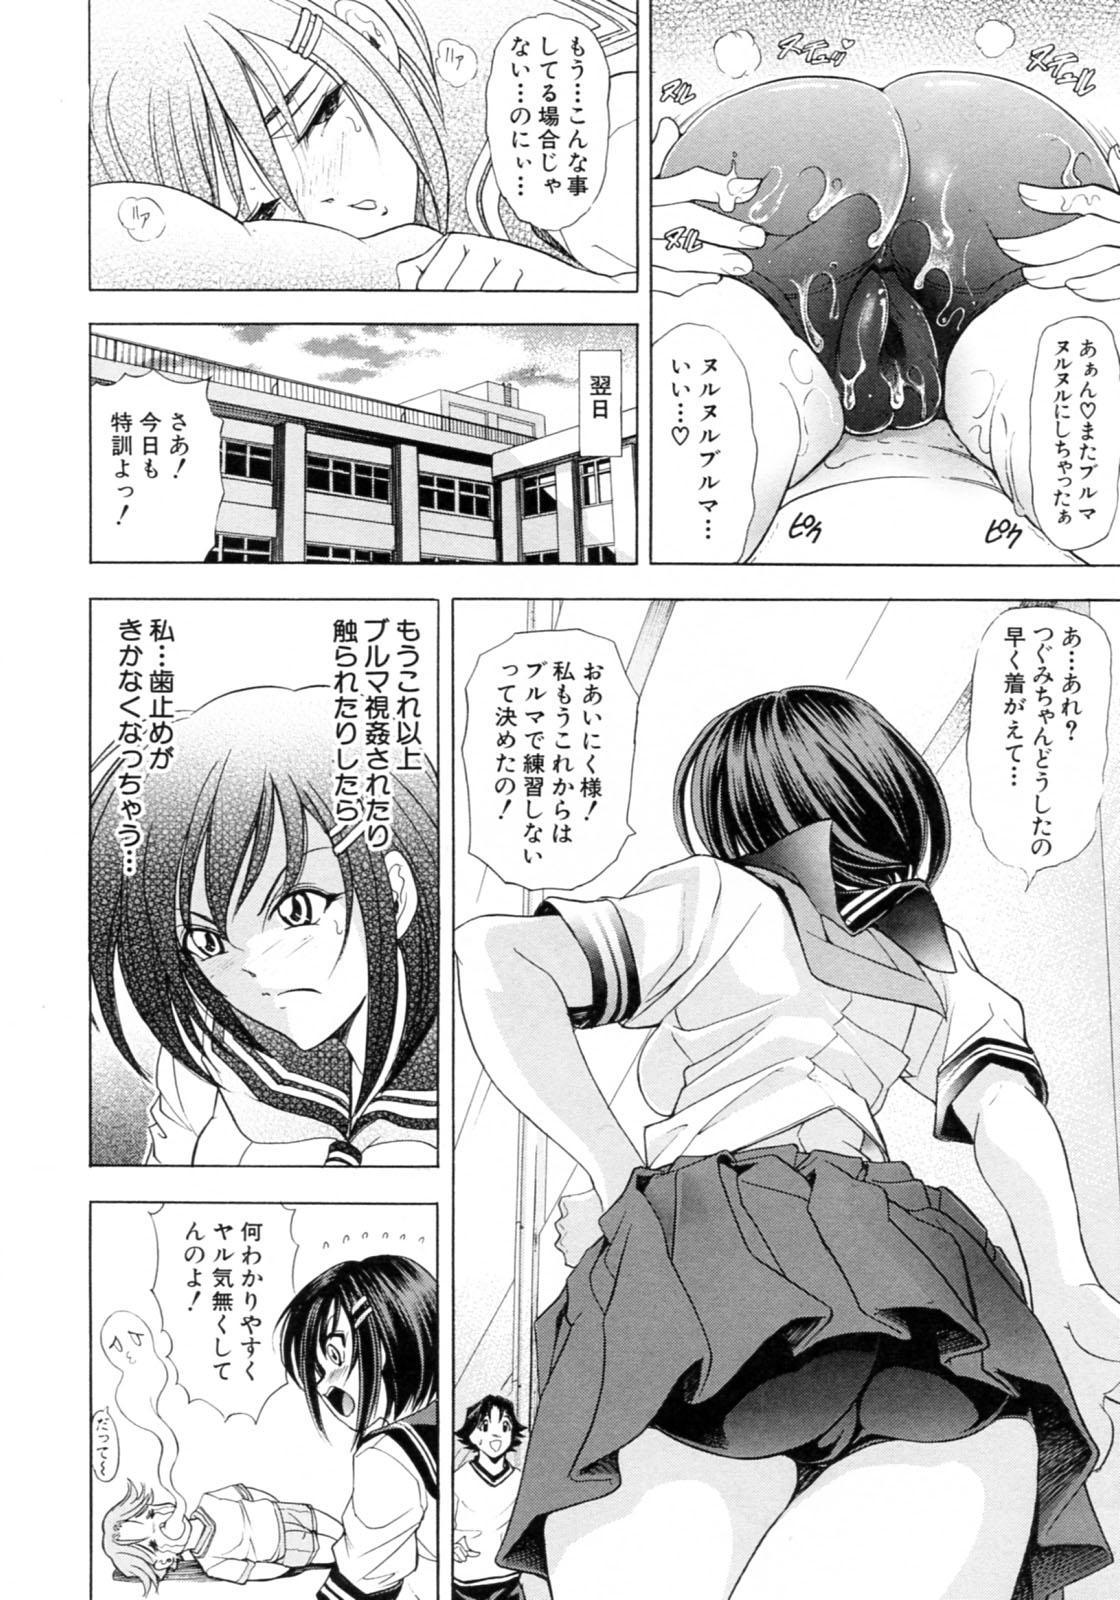 Kinsoku Shikou 89